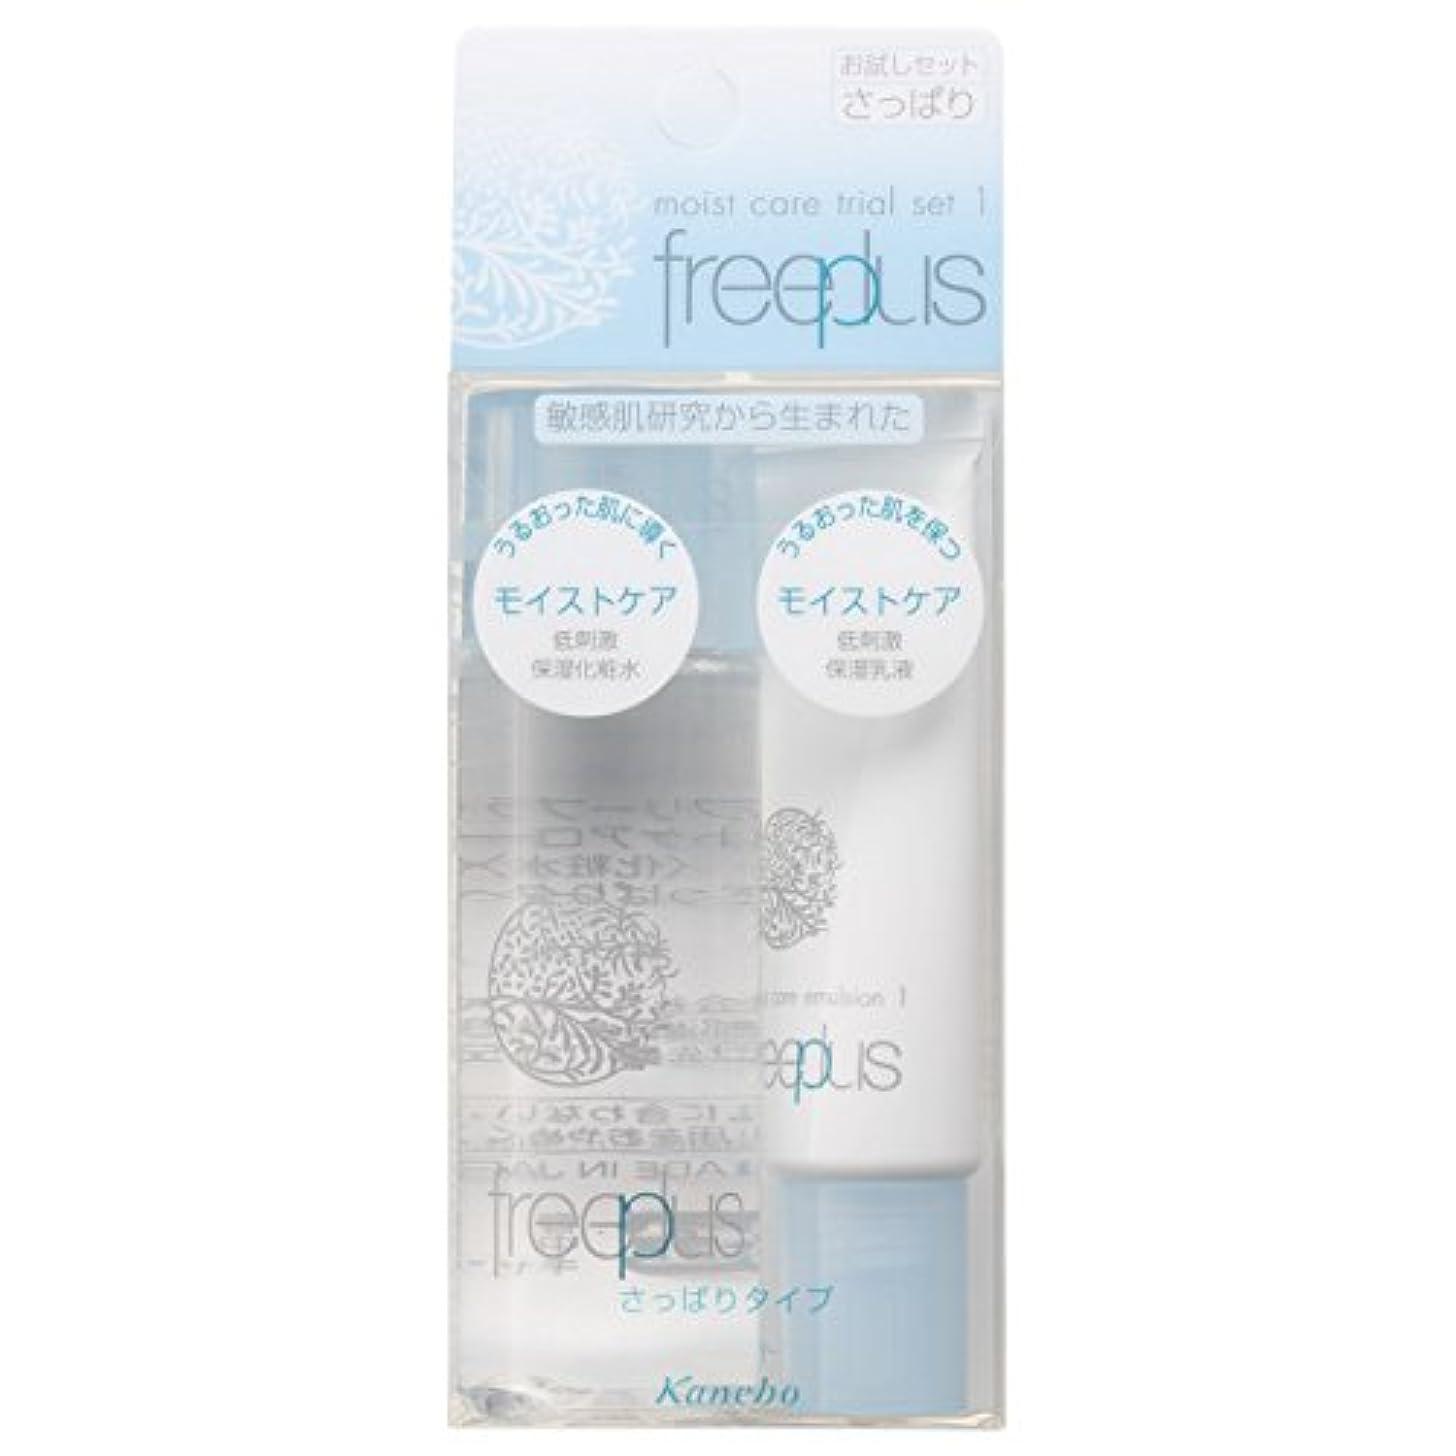 継続中出くわすラジカルフリープラス モイストケアトライアルセット1(さっぱりタイプ 乳液?化粧水)